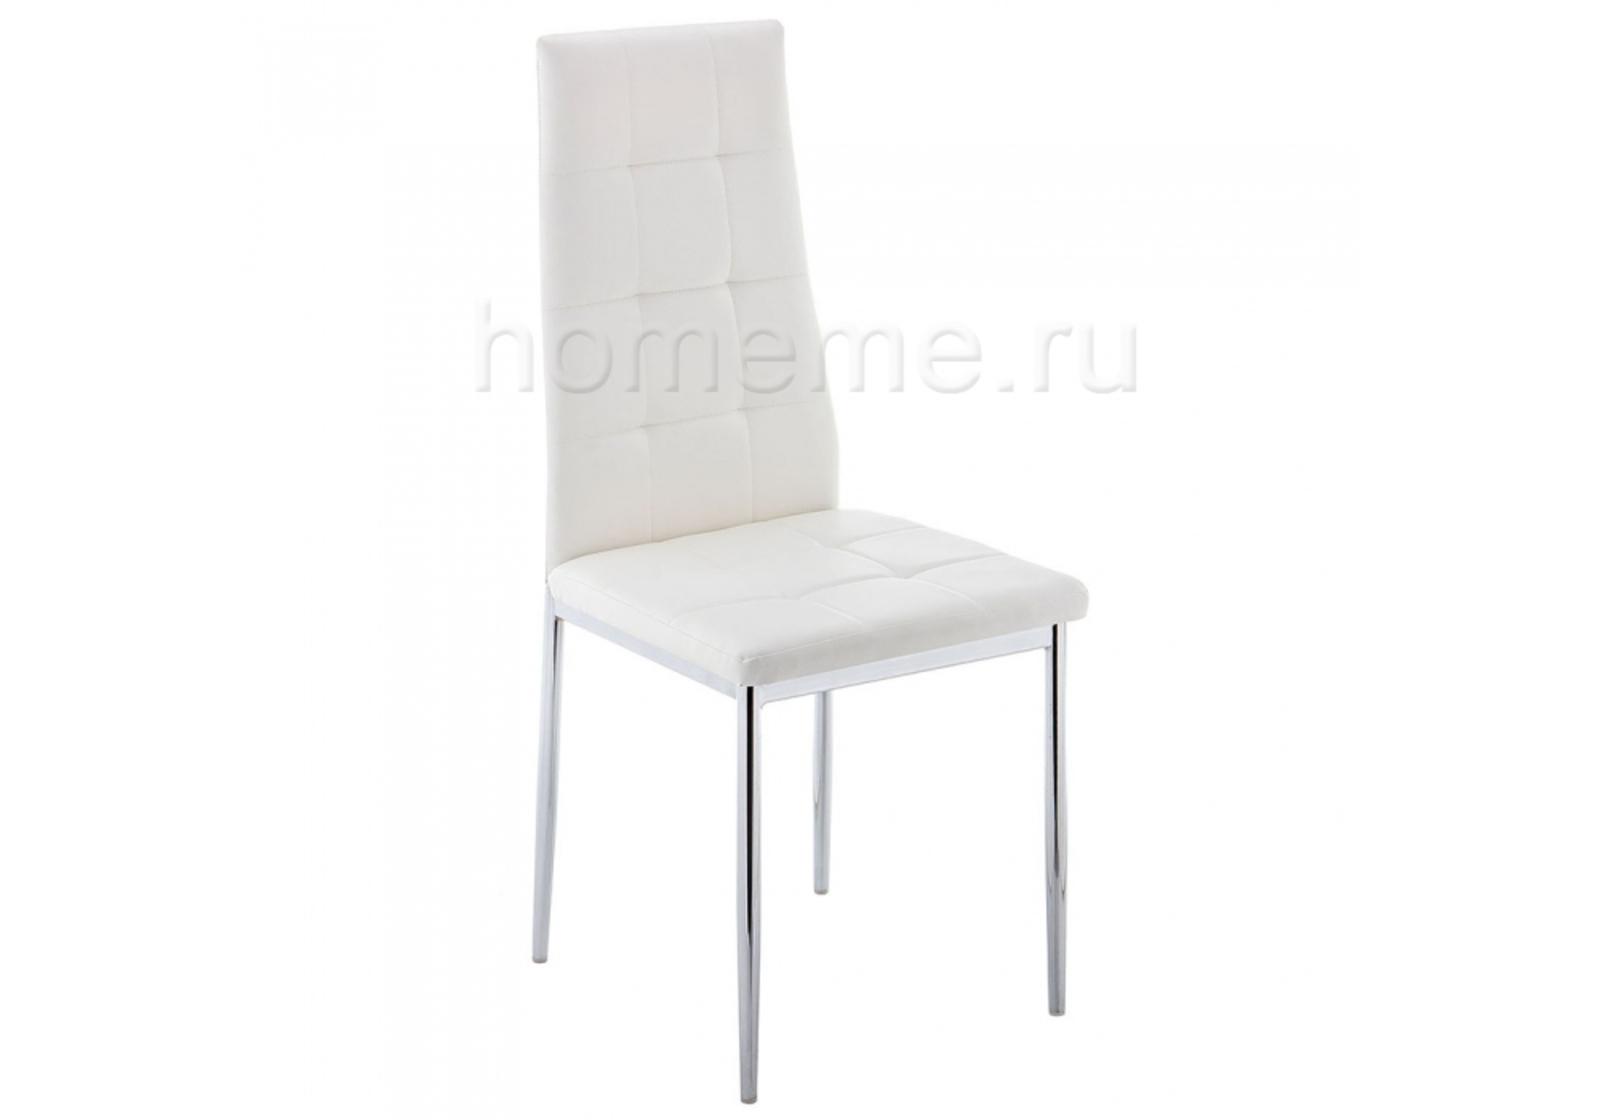 Стул Forin белый 11079 Forin белый 11079 (14458)